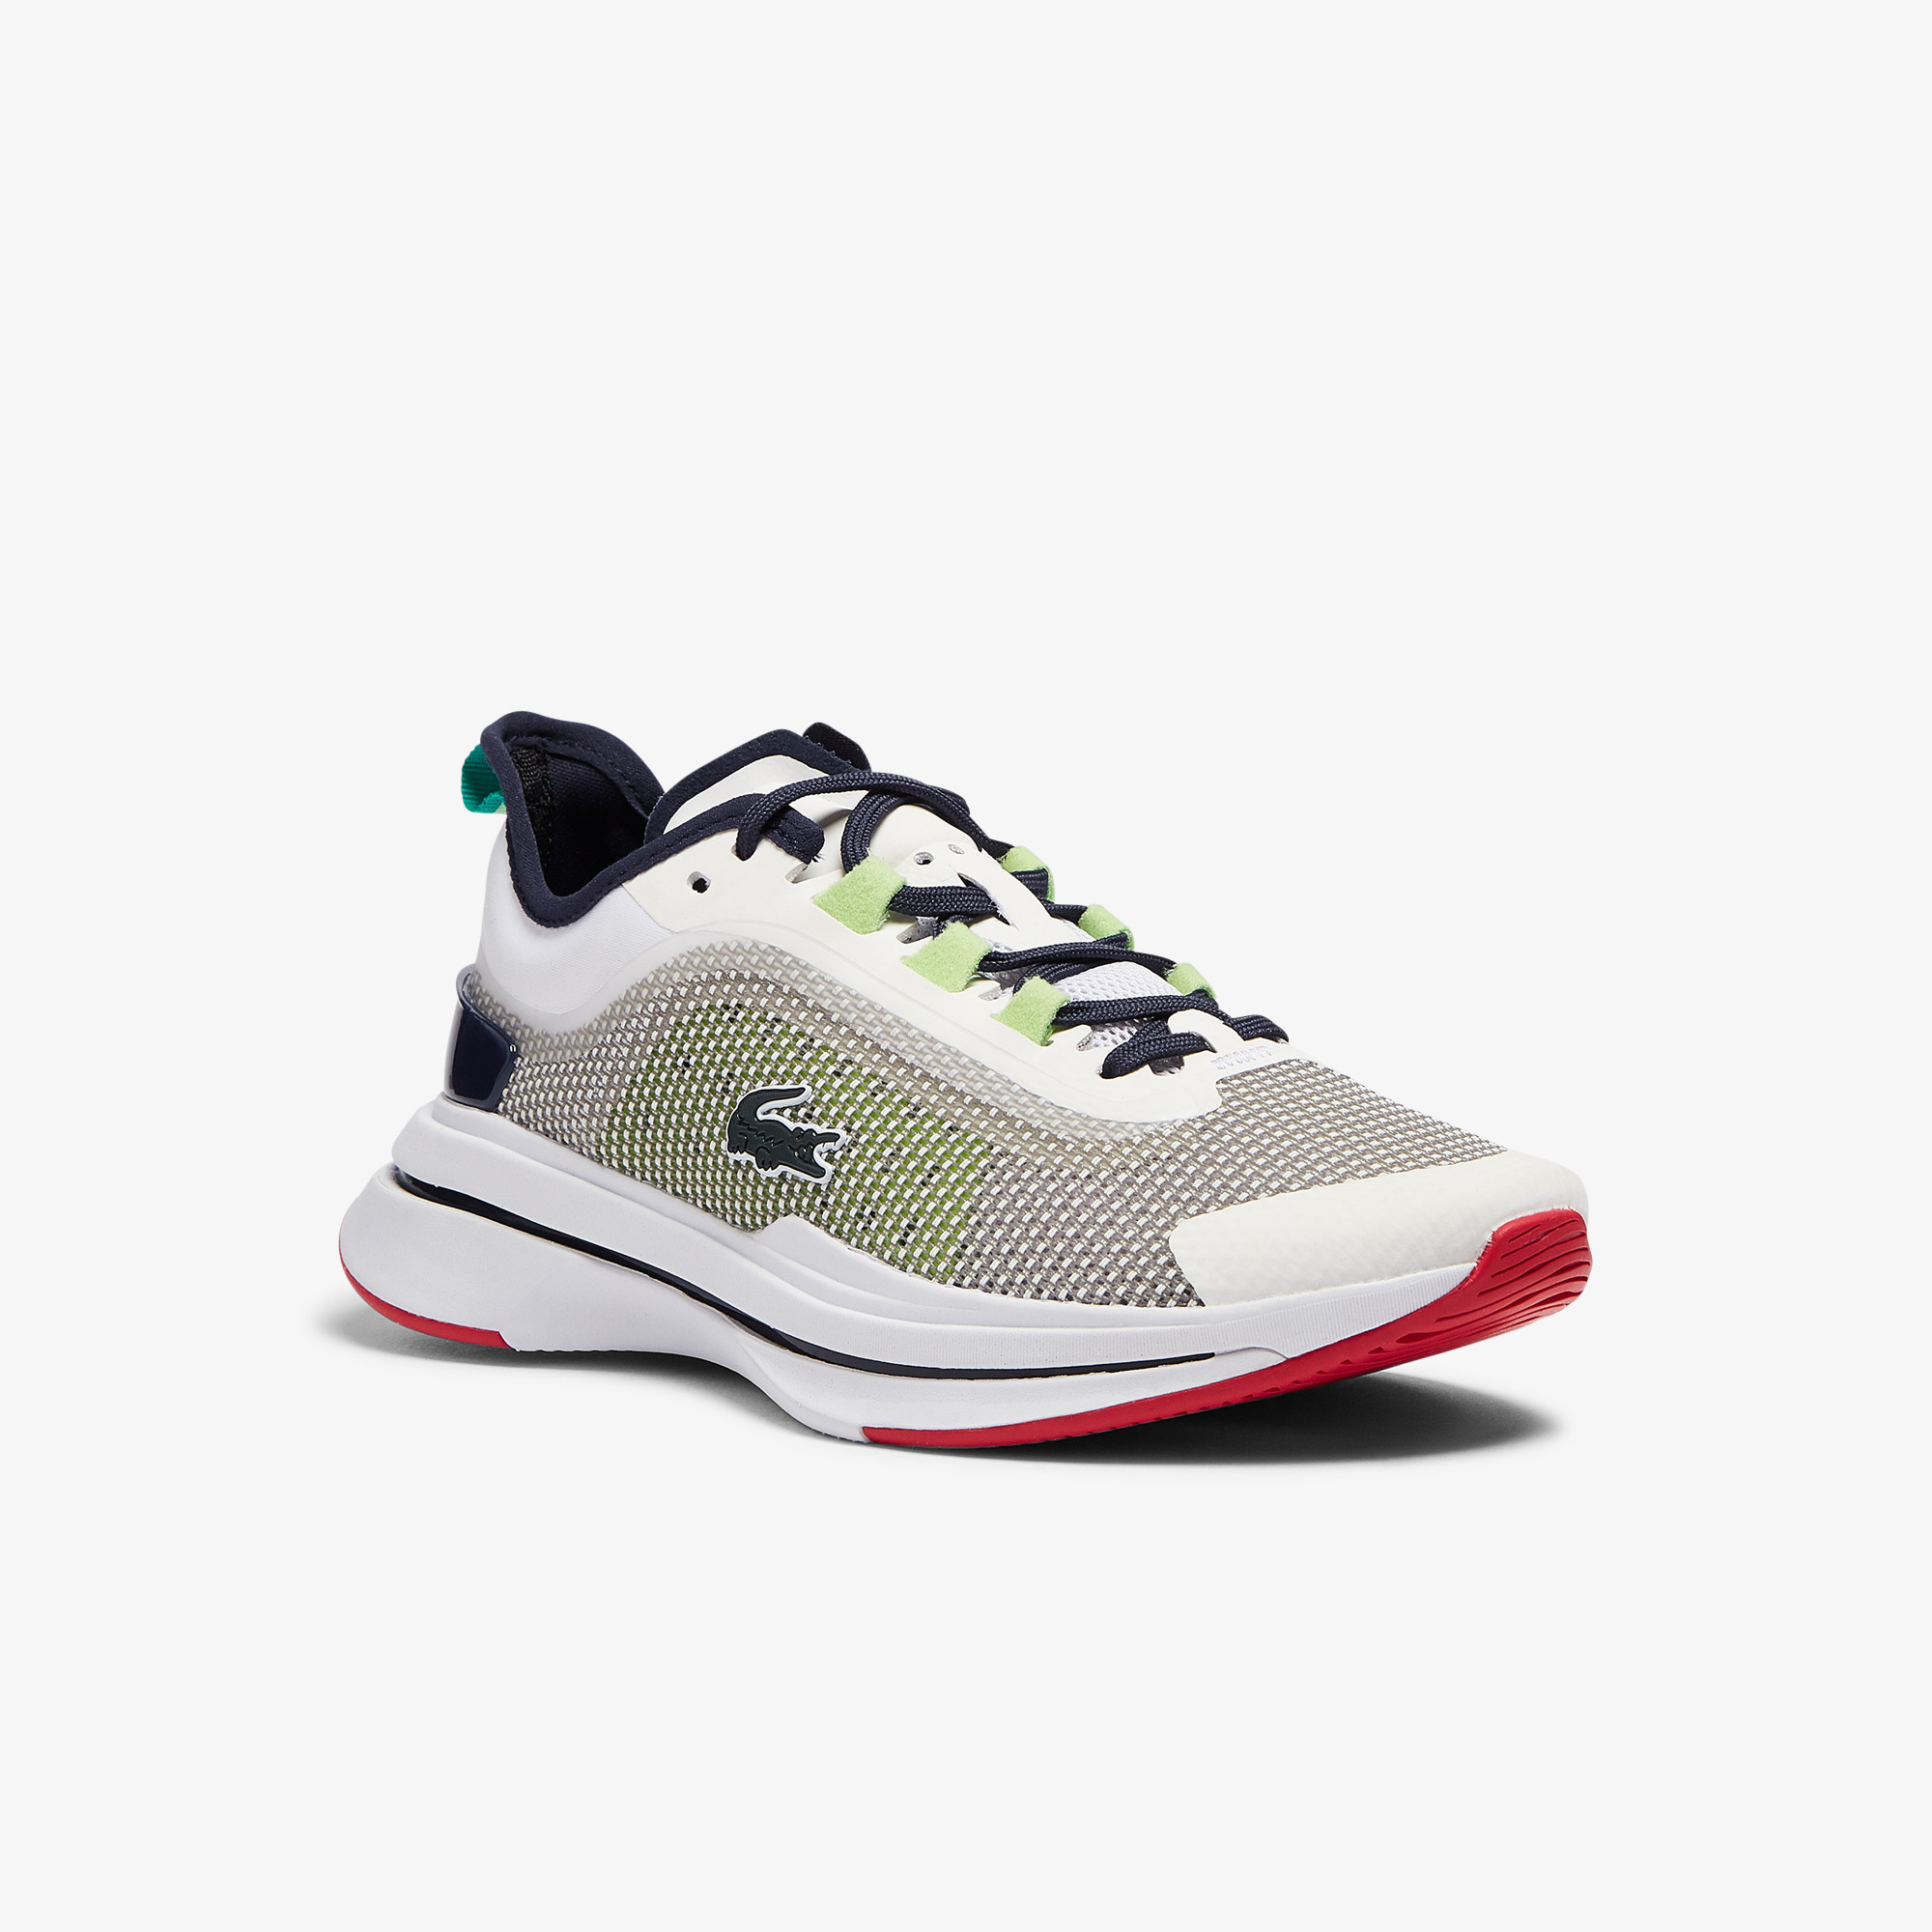 Lacoste Damskie buty Run Spın Ultra 0921 1 Sfa